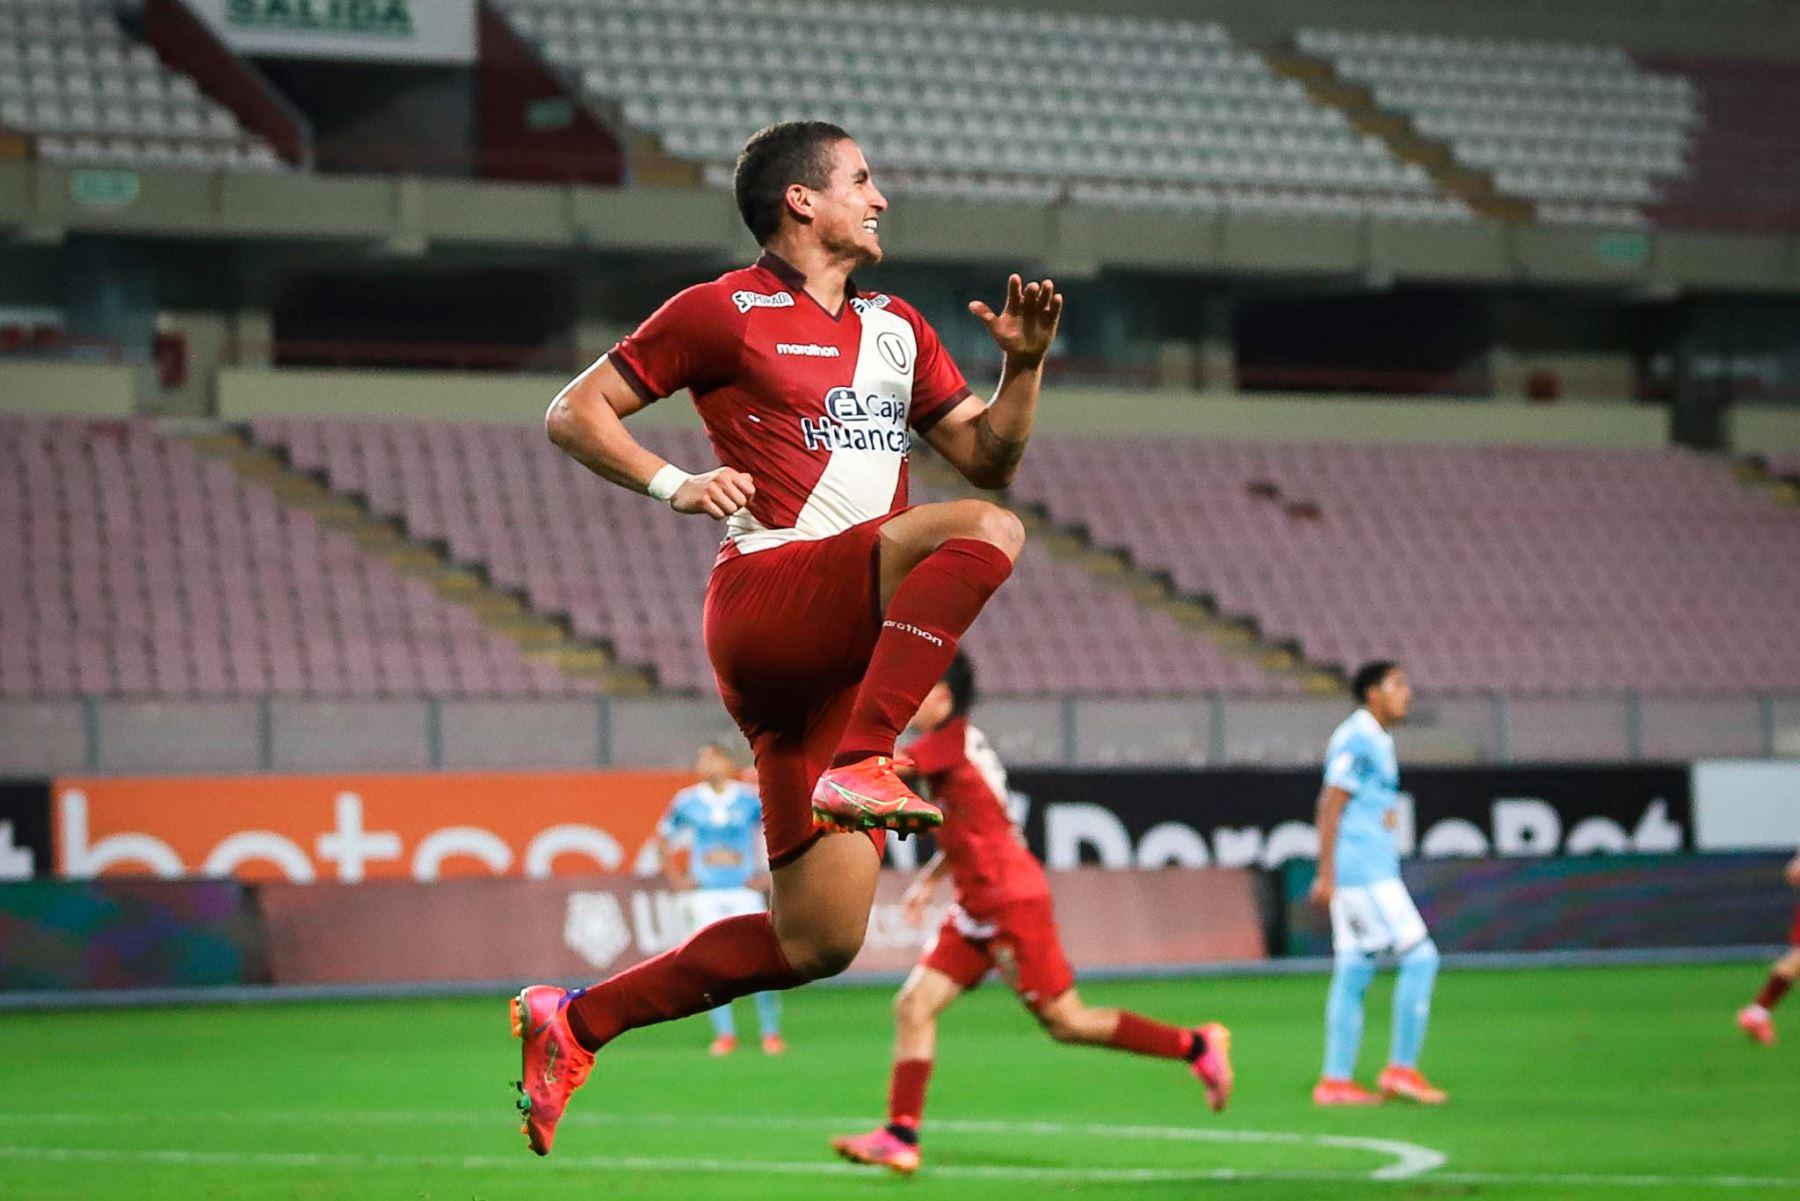 Liga 1: Universitario empata 2-2 con Sporting Cristal en los descuentos |  Noticias | Agencia Peruana de Noticias Andina